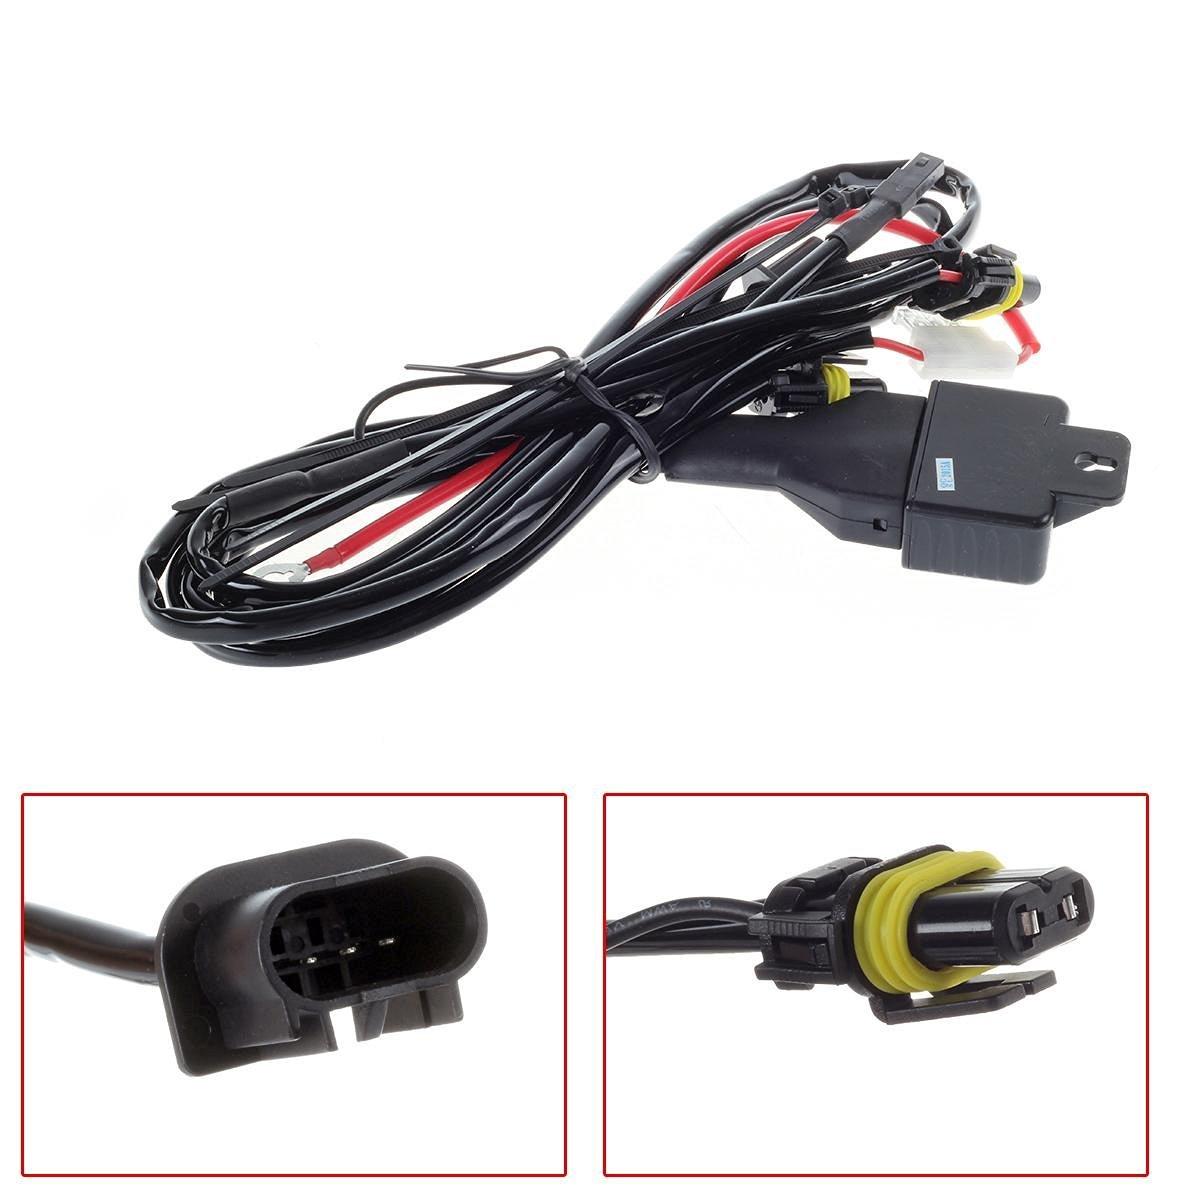 Buy PartsSquare 1pcs H13/9008 Car Bi-Xenon Hi/Lo HID Kit ... on